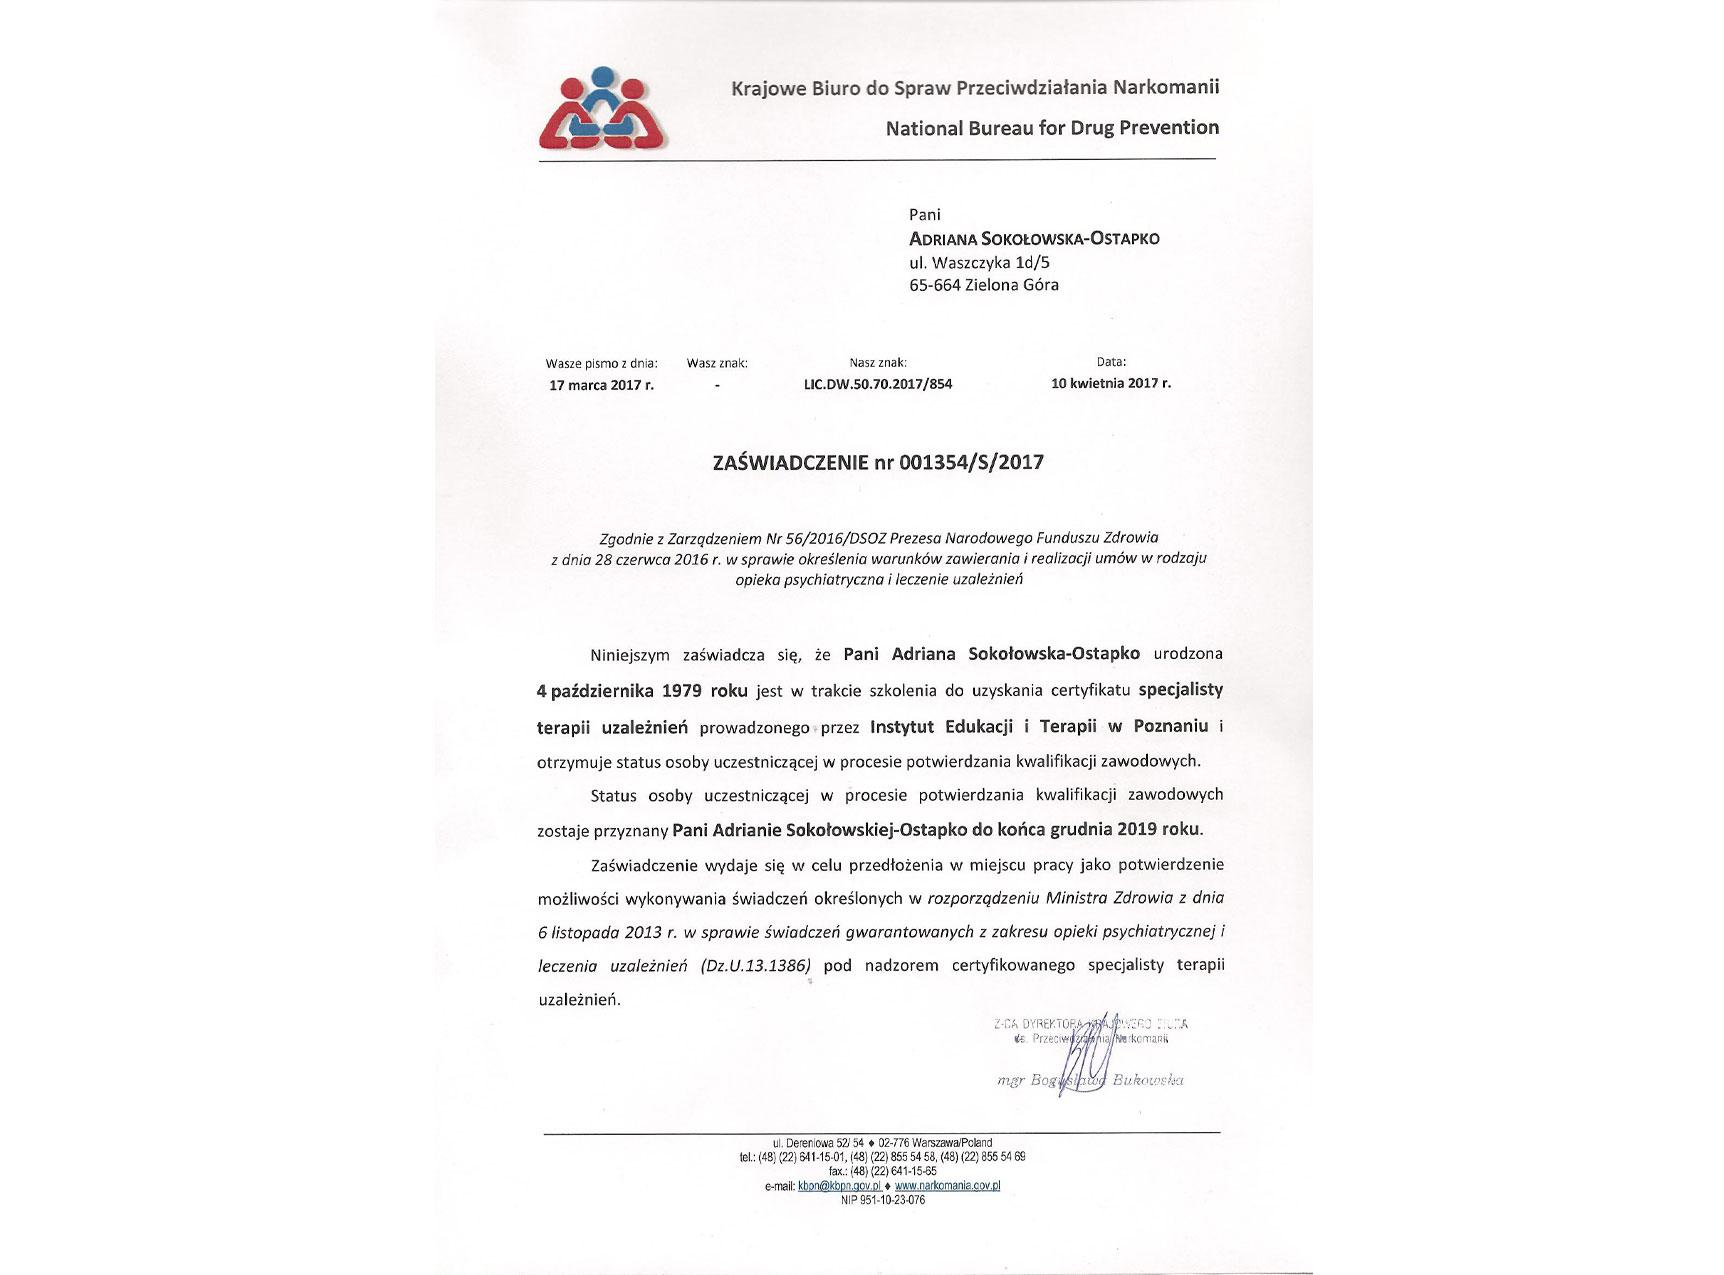 Certyfikat KBPN